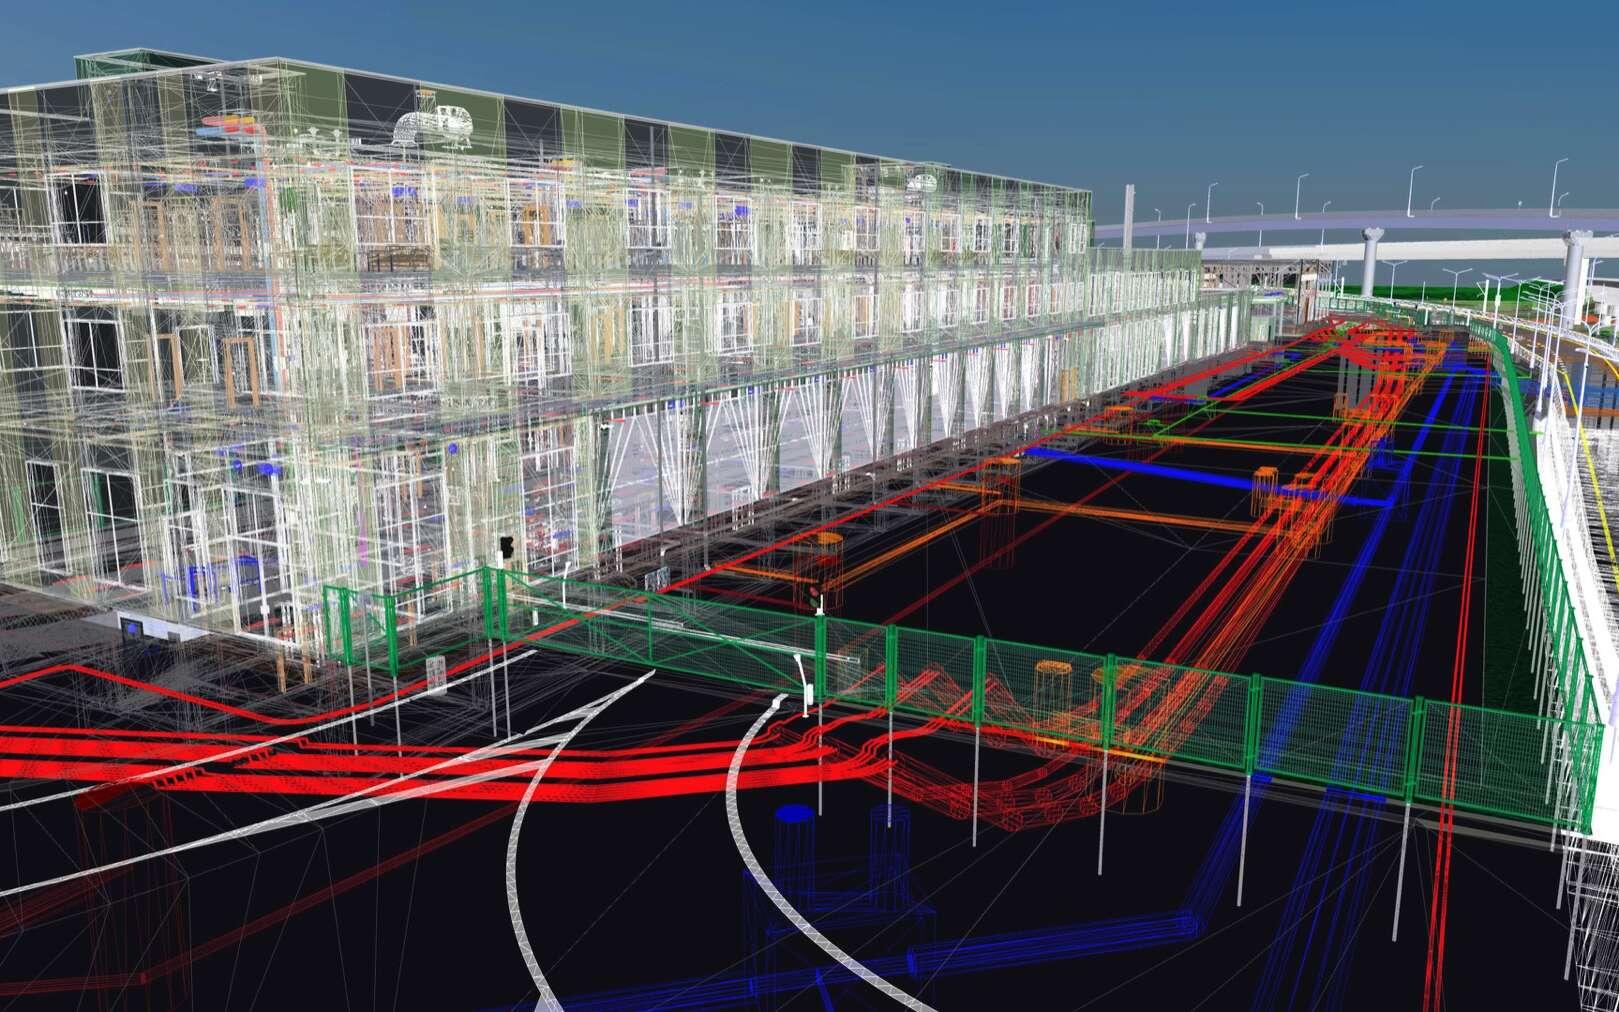 Le BIM, bâti immobilier modélisé, est l'outil essentiel pour optimiser la gestion d'un immeuble et faciliter sa maintenance© black_mts, Adobe Stock